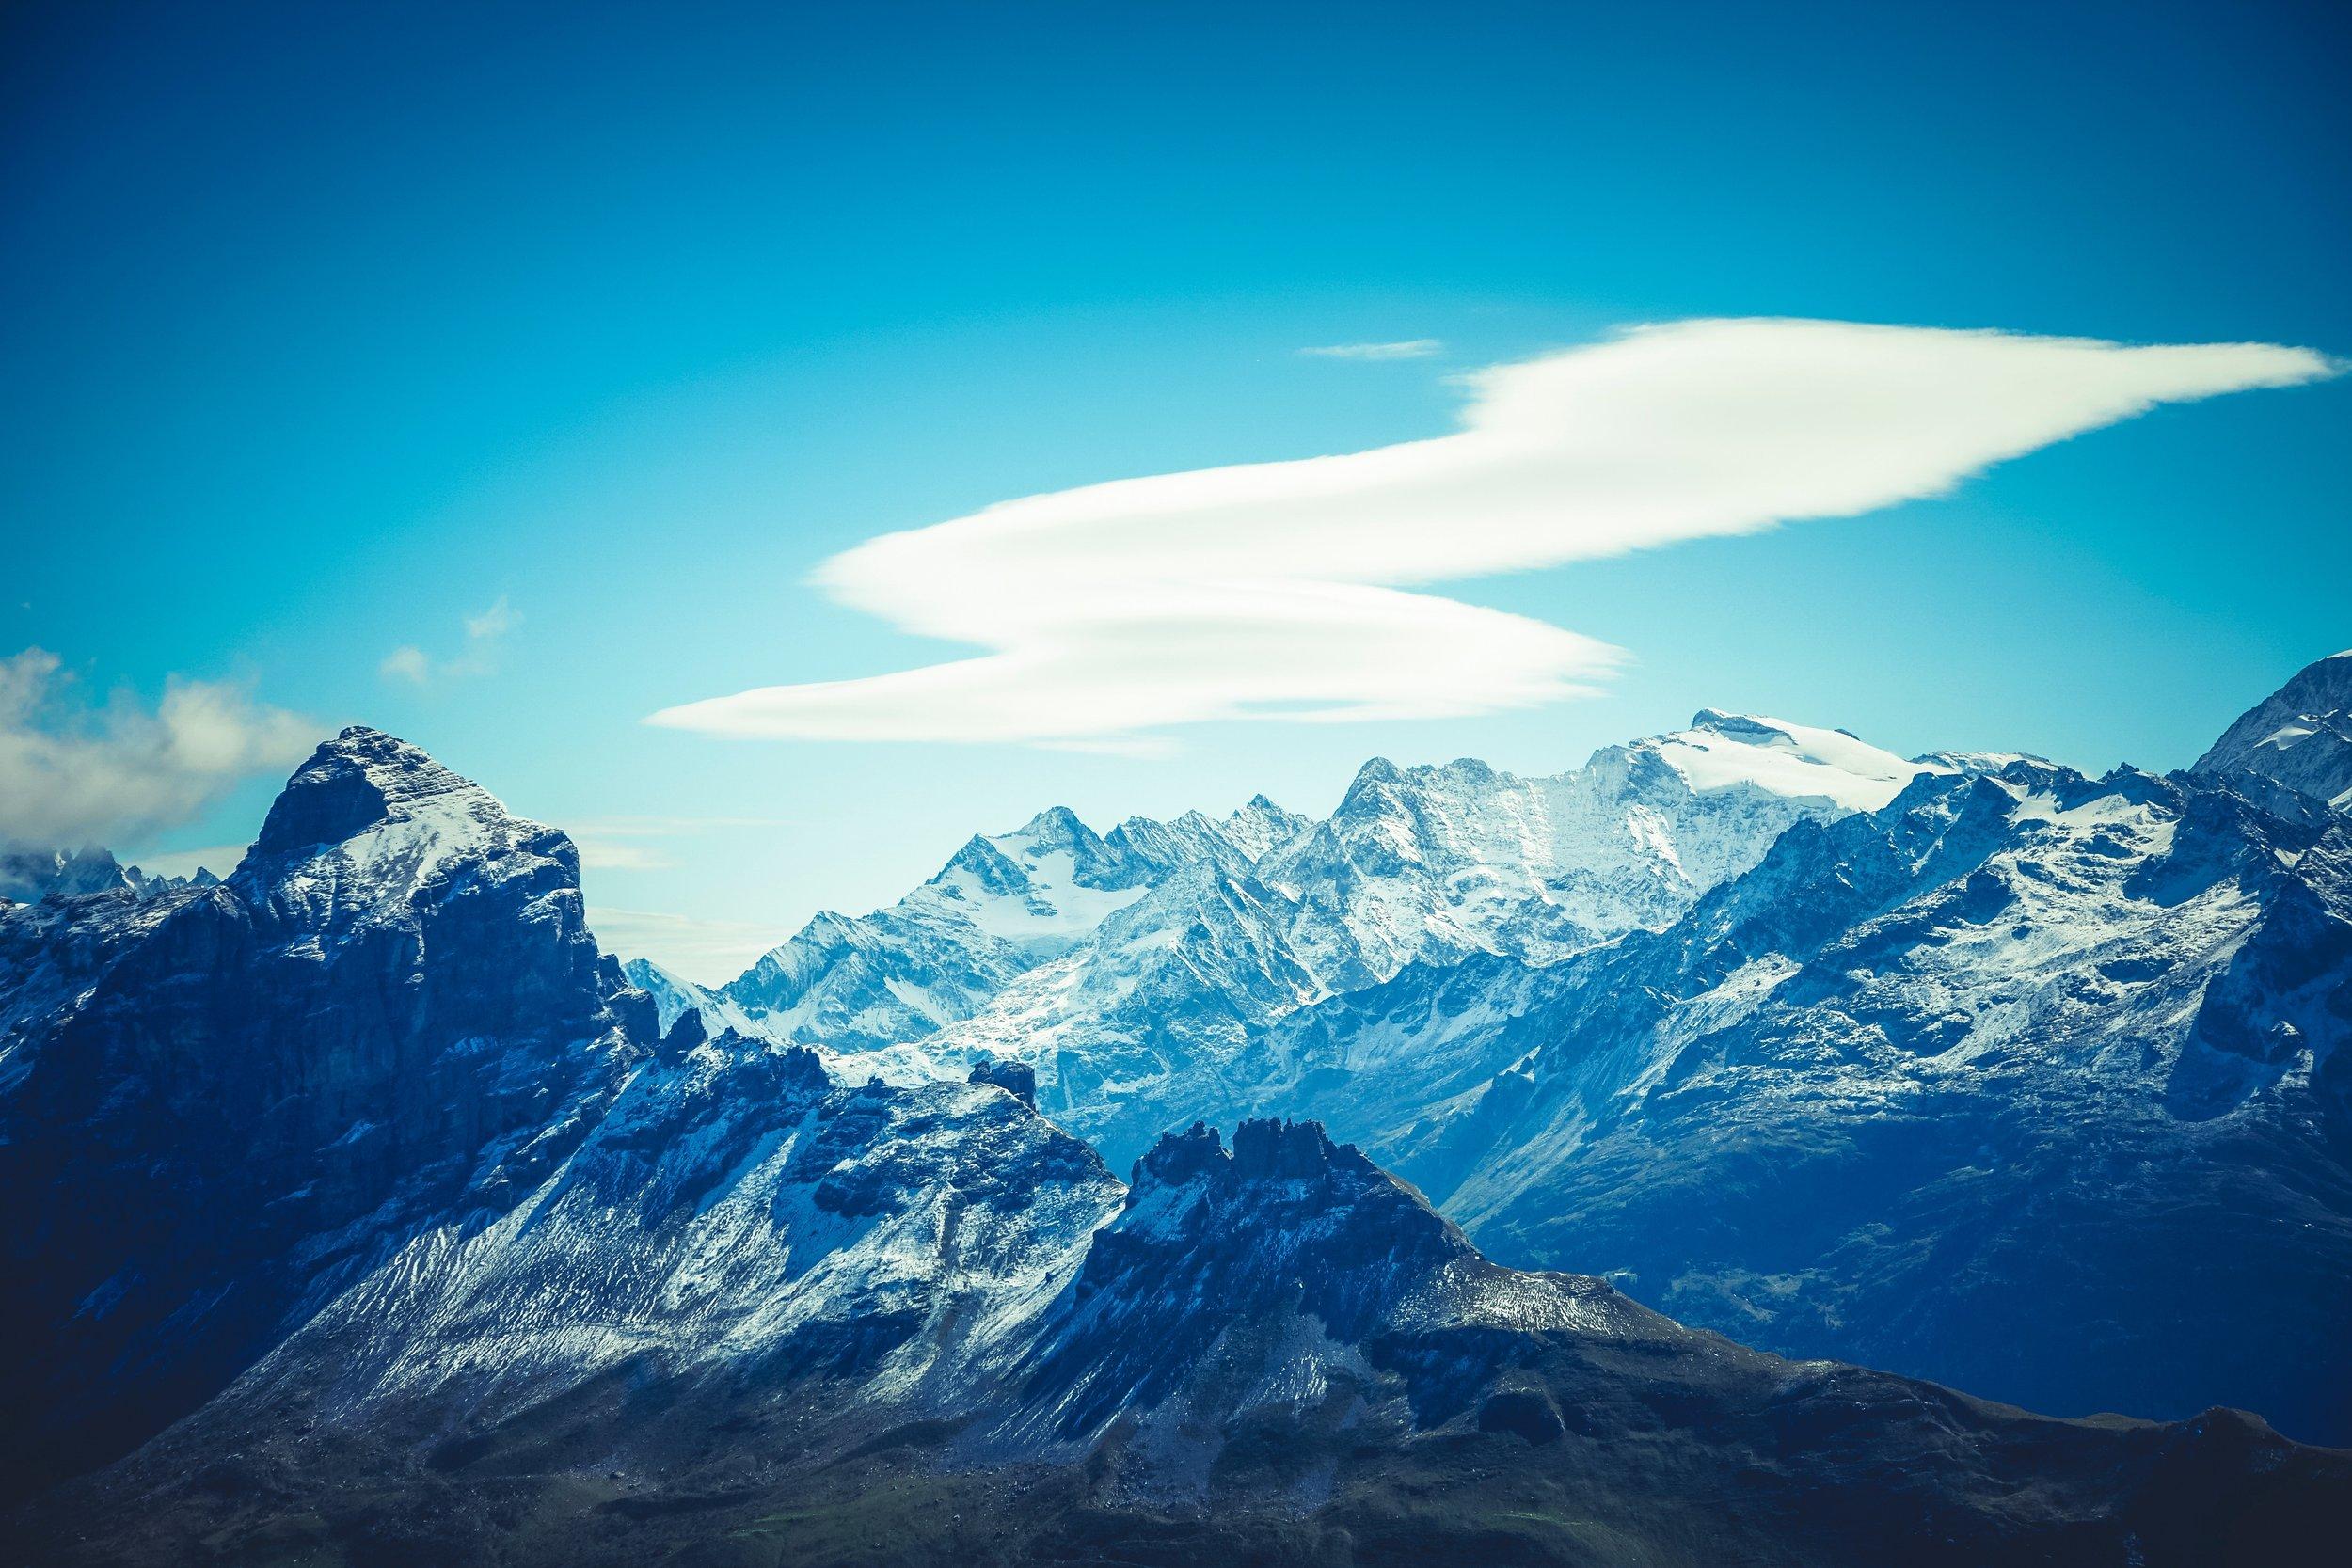 Mount Shasta - Thursday, May 2 - Sunday, May 5